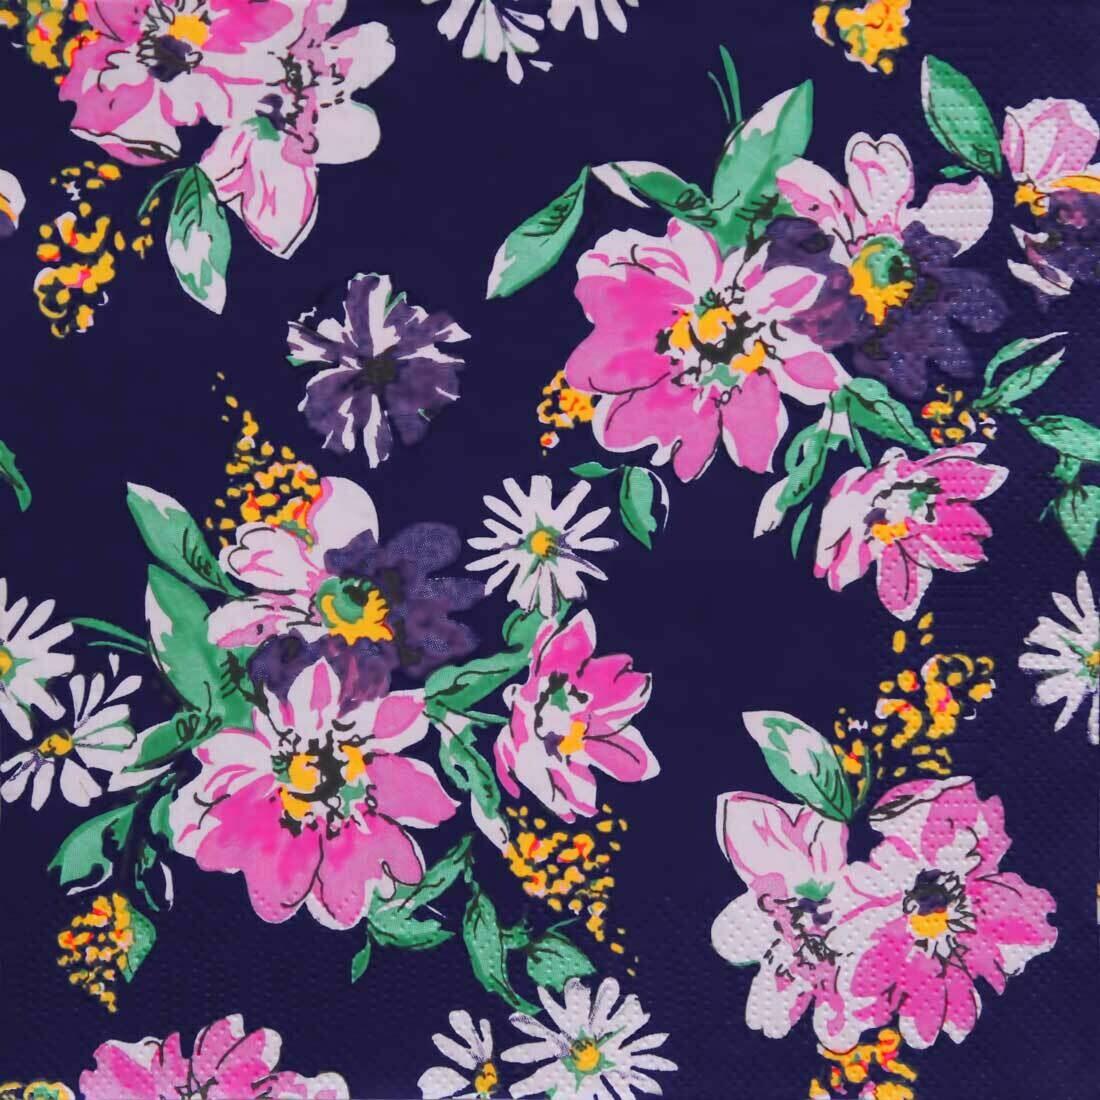 Decoupage Paper Napkins - Floral - Flower Meadow Pattern Dark Blue (1 Sheet)